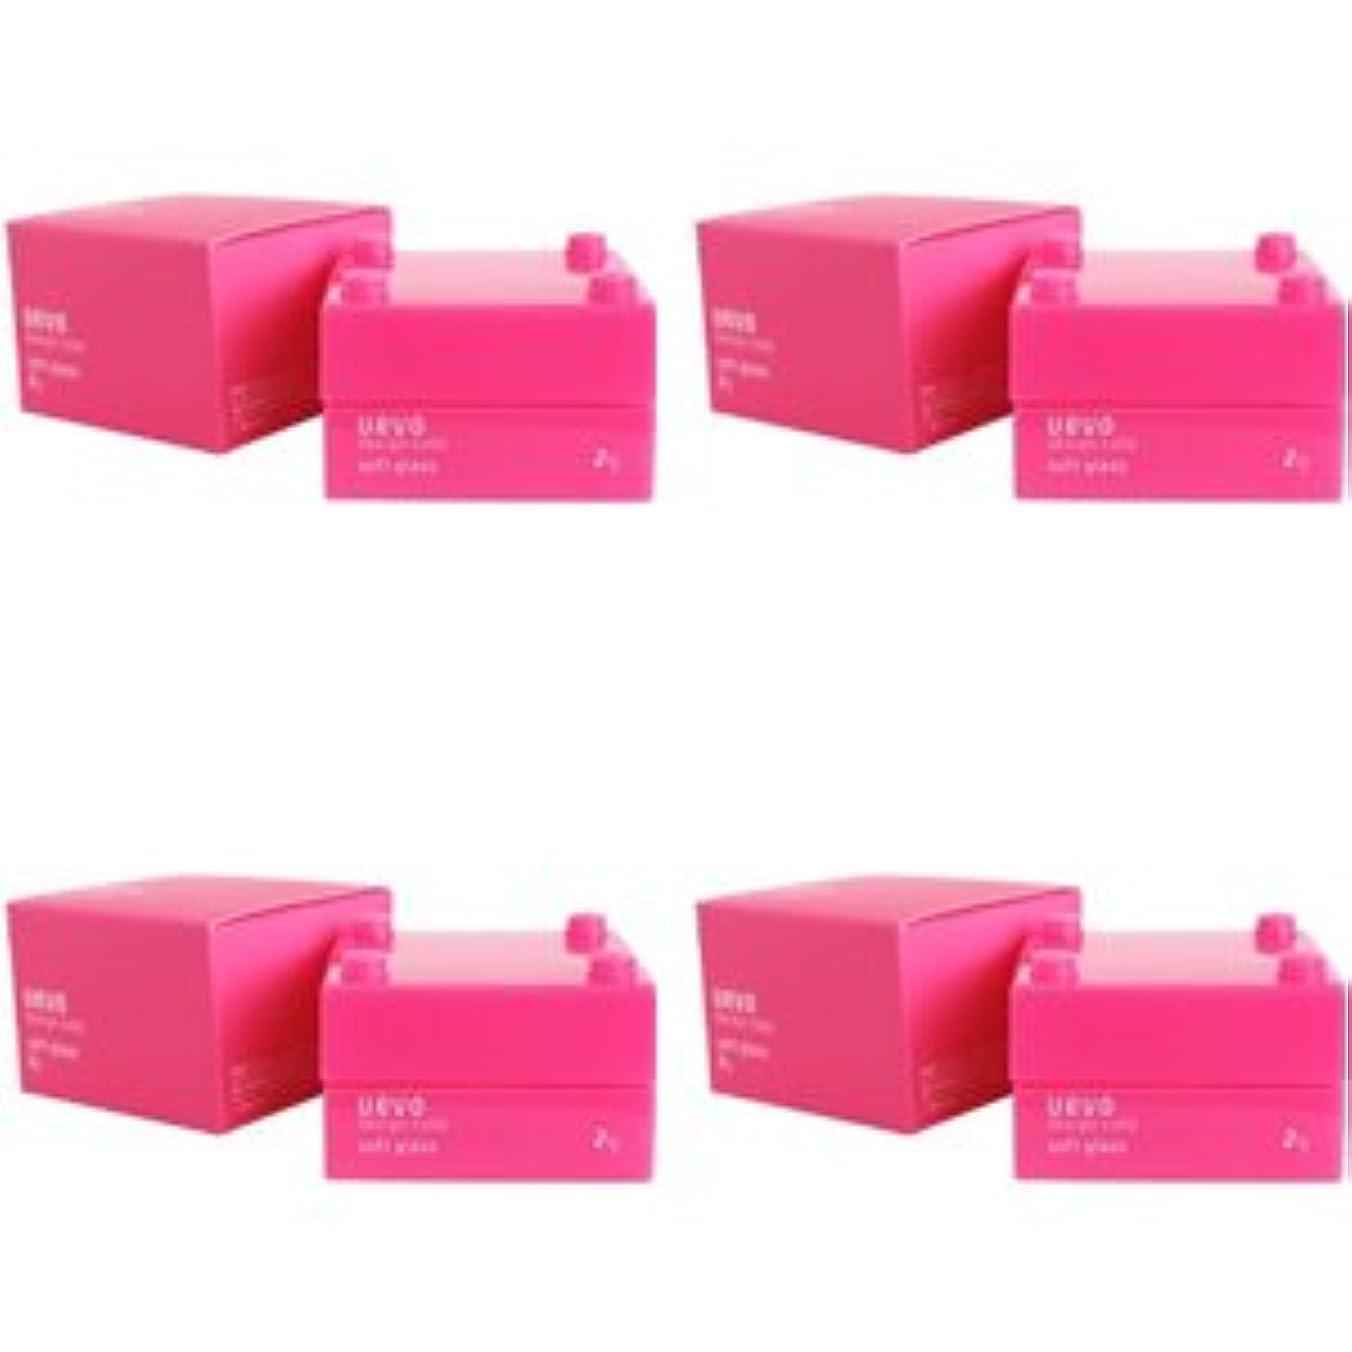 ガイダンス汚染するシティ【X4個セット】 デミ ウェーボ デザインキューブ ソフトグロス 30g soft gloss DEMI uevo design cube